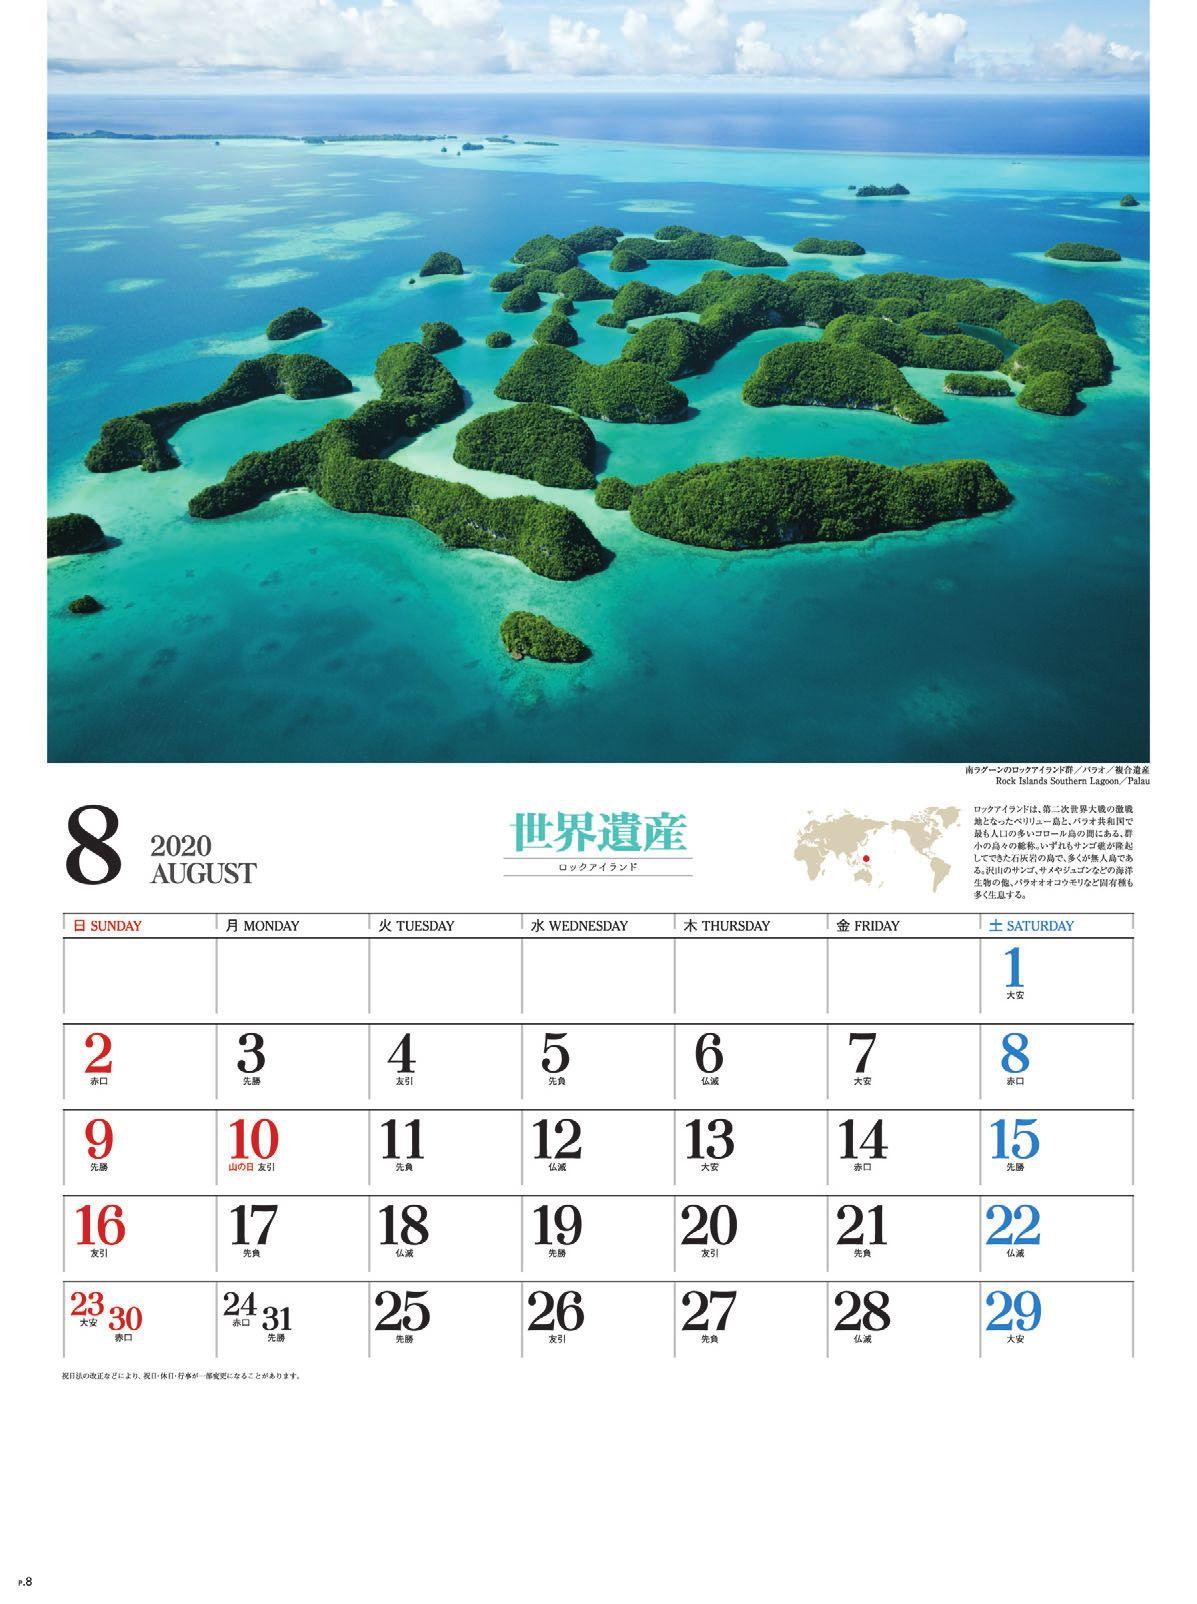 画像:ロックアイランド(メキシコ) ユネスコ世界遺産 2020年カレンダー